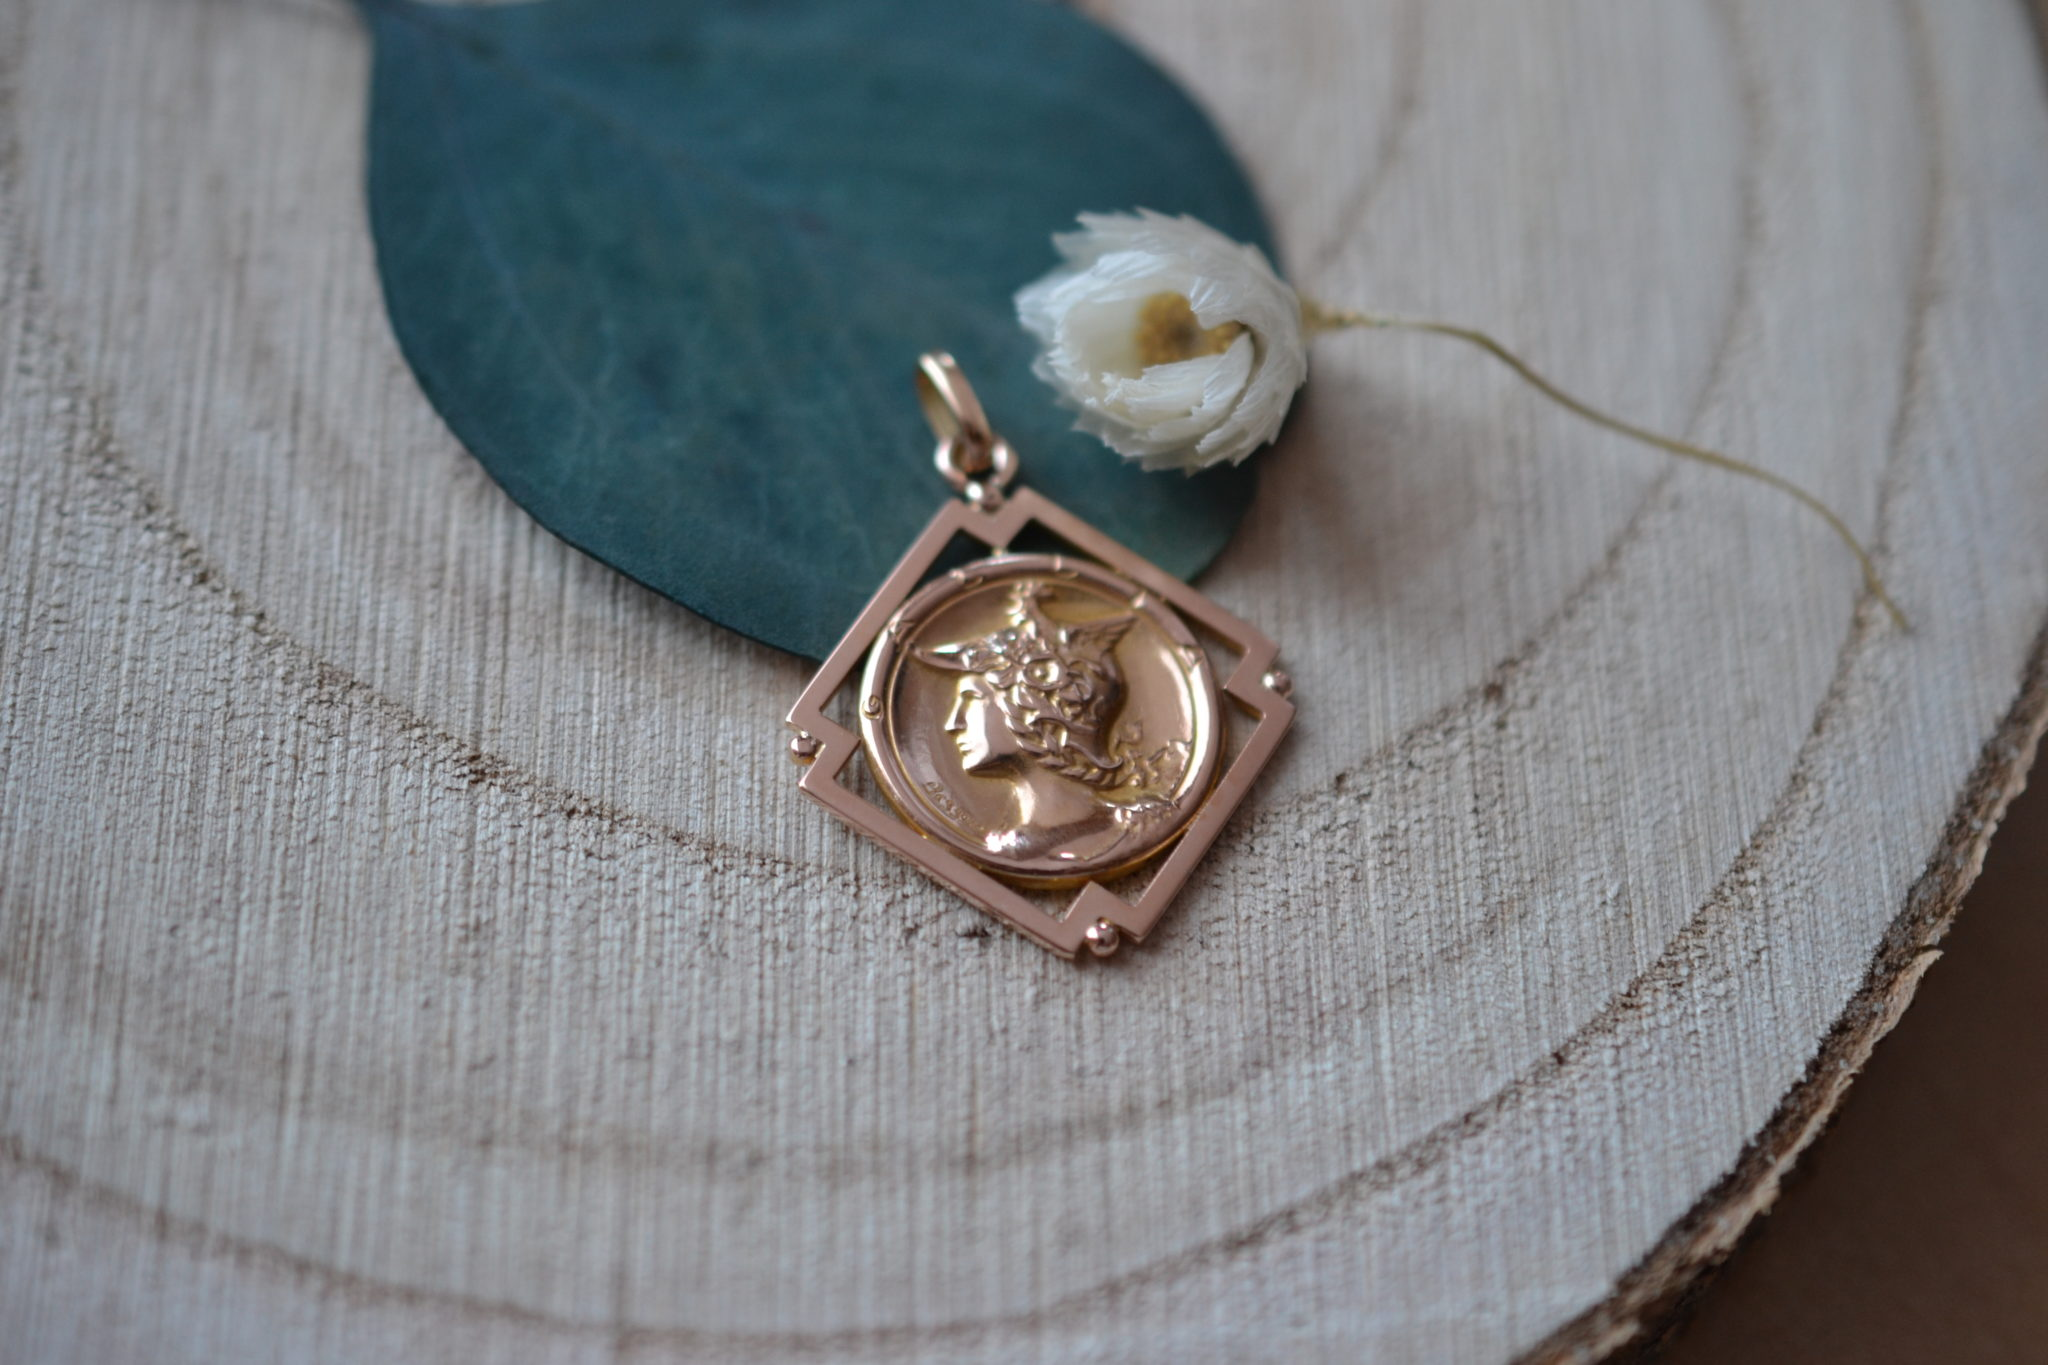 Médaille Gravée D'un Chevalier Romain, Signée _Bessou_ Au Dos Orné D_un Décor Floral. Le Tout Entouré D_une Monture Ajourée De Forme Carrée - Pendentif De Seconde Main